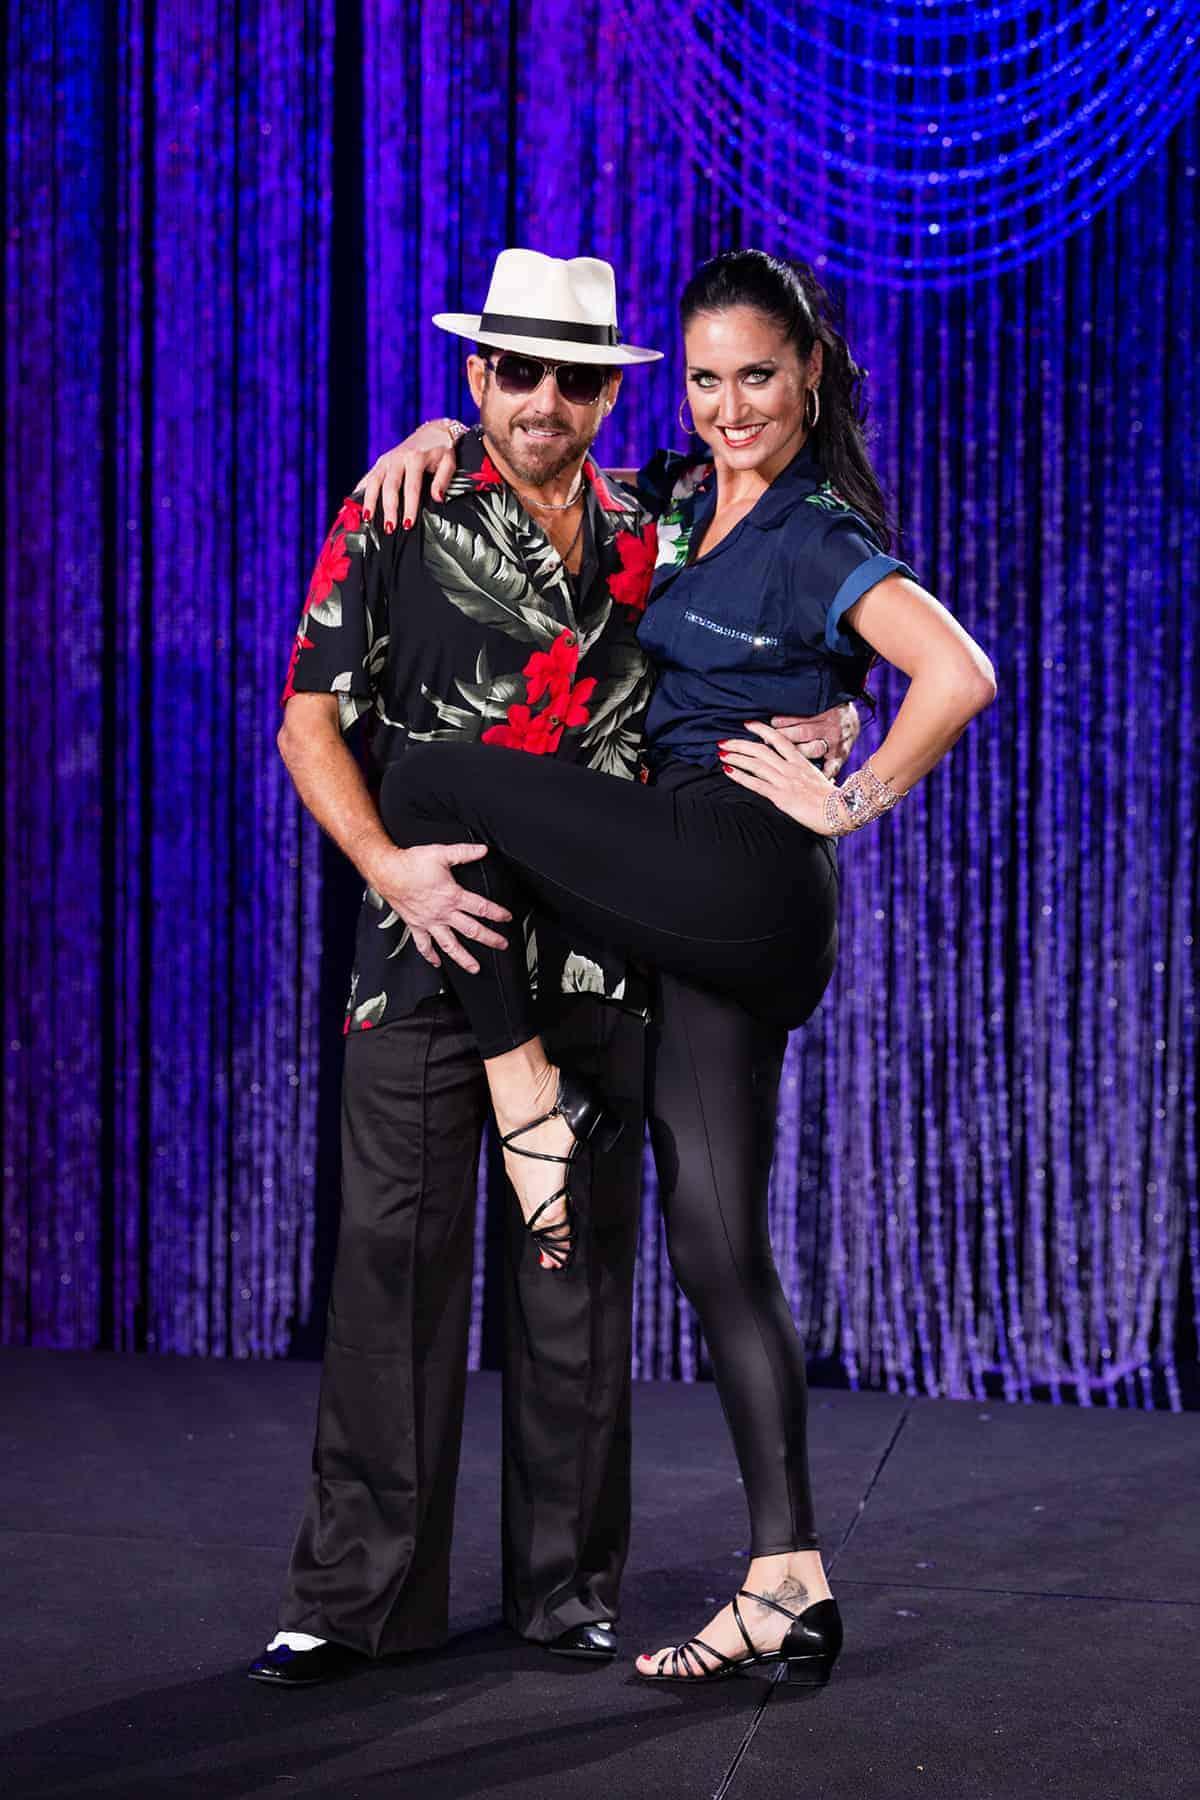 Steve Hernandez and Sara Berens